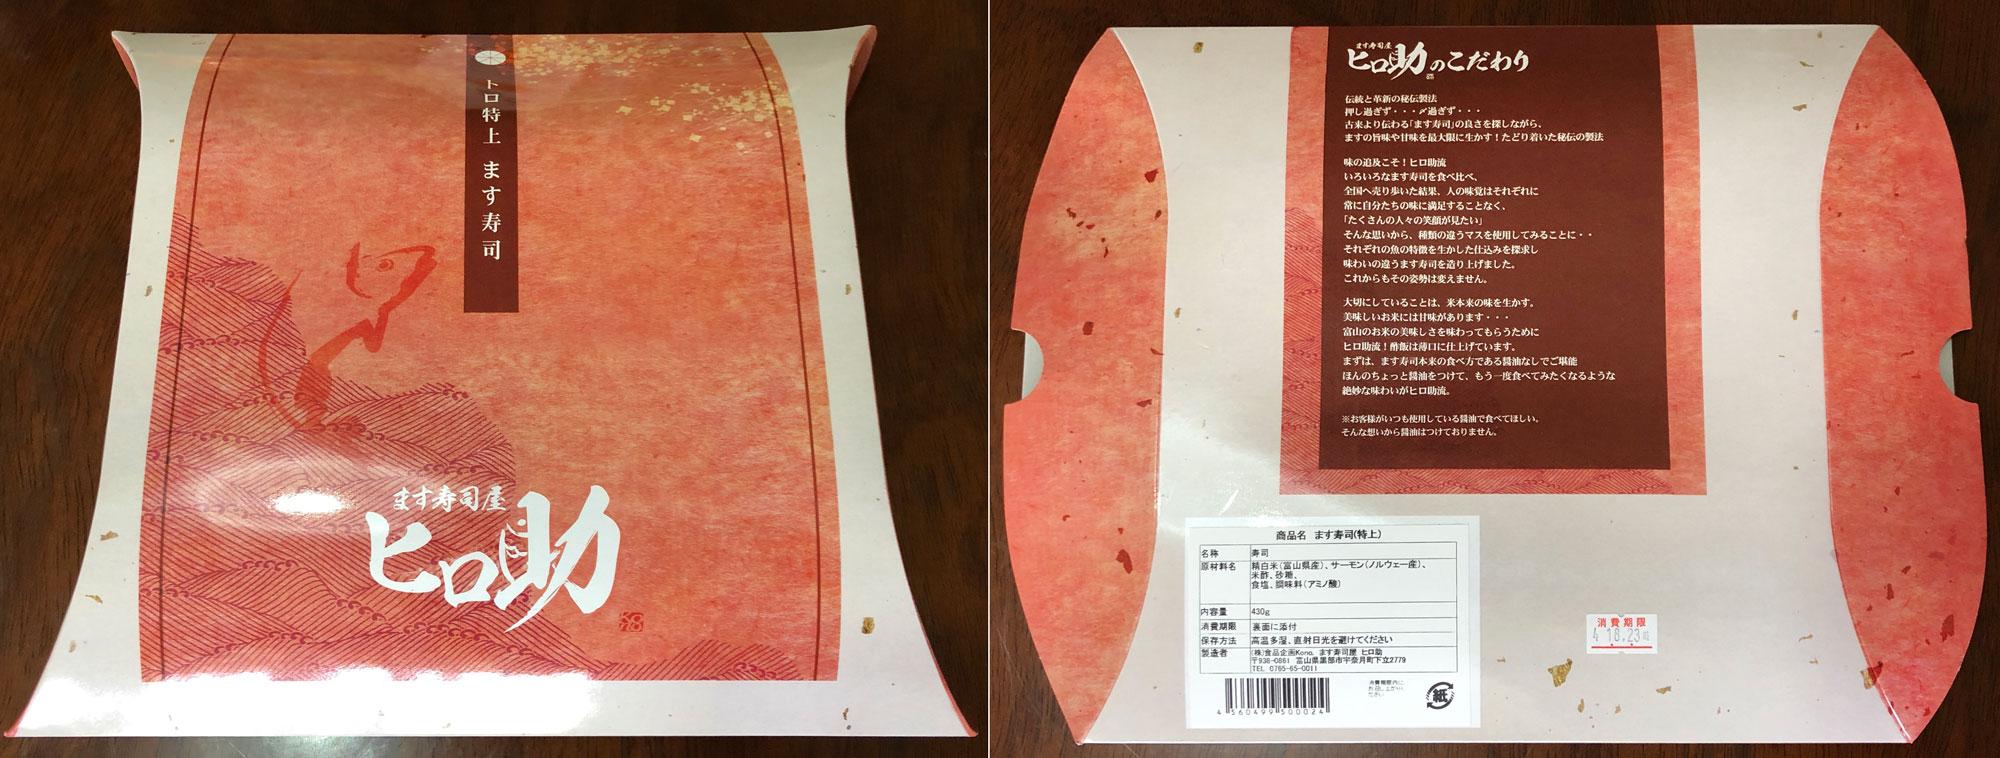 楽天市場、寿司ランキング週間1位の鱒寿司ヒロ助のトロ特上鱒寿司のパッケージ